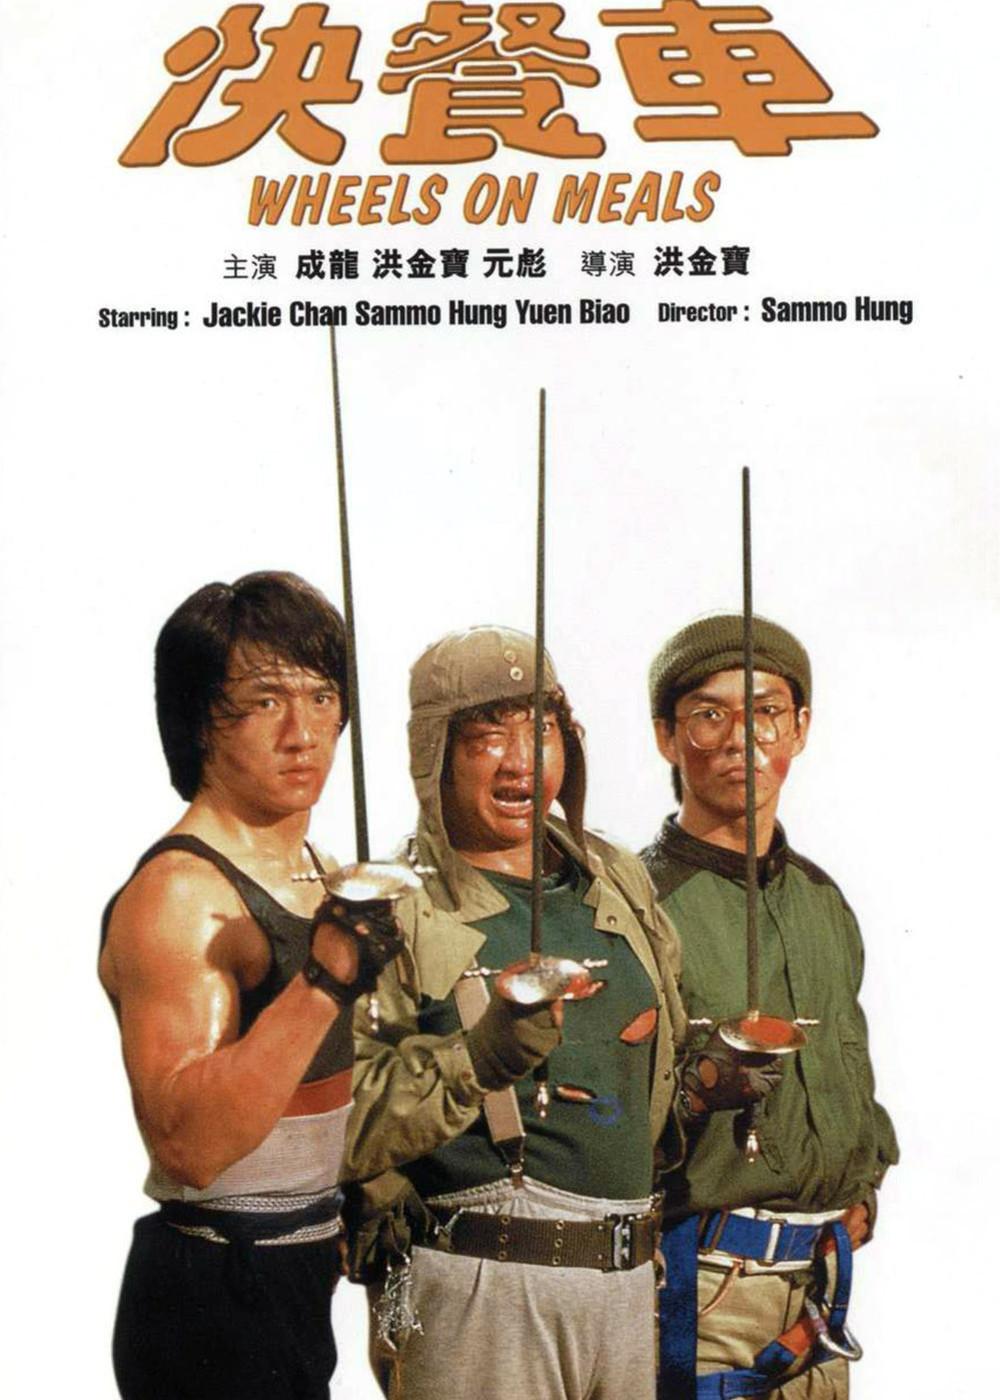 Những bộ phim 3 huynh đệ Thành Long oanh tạc điện ảnh Hong Kong - 9